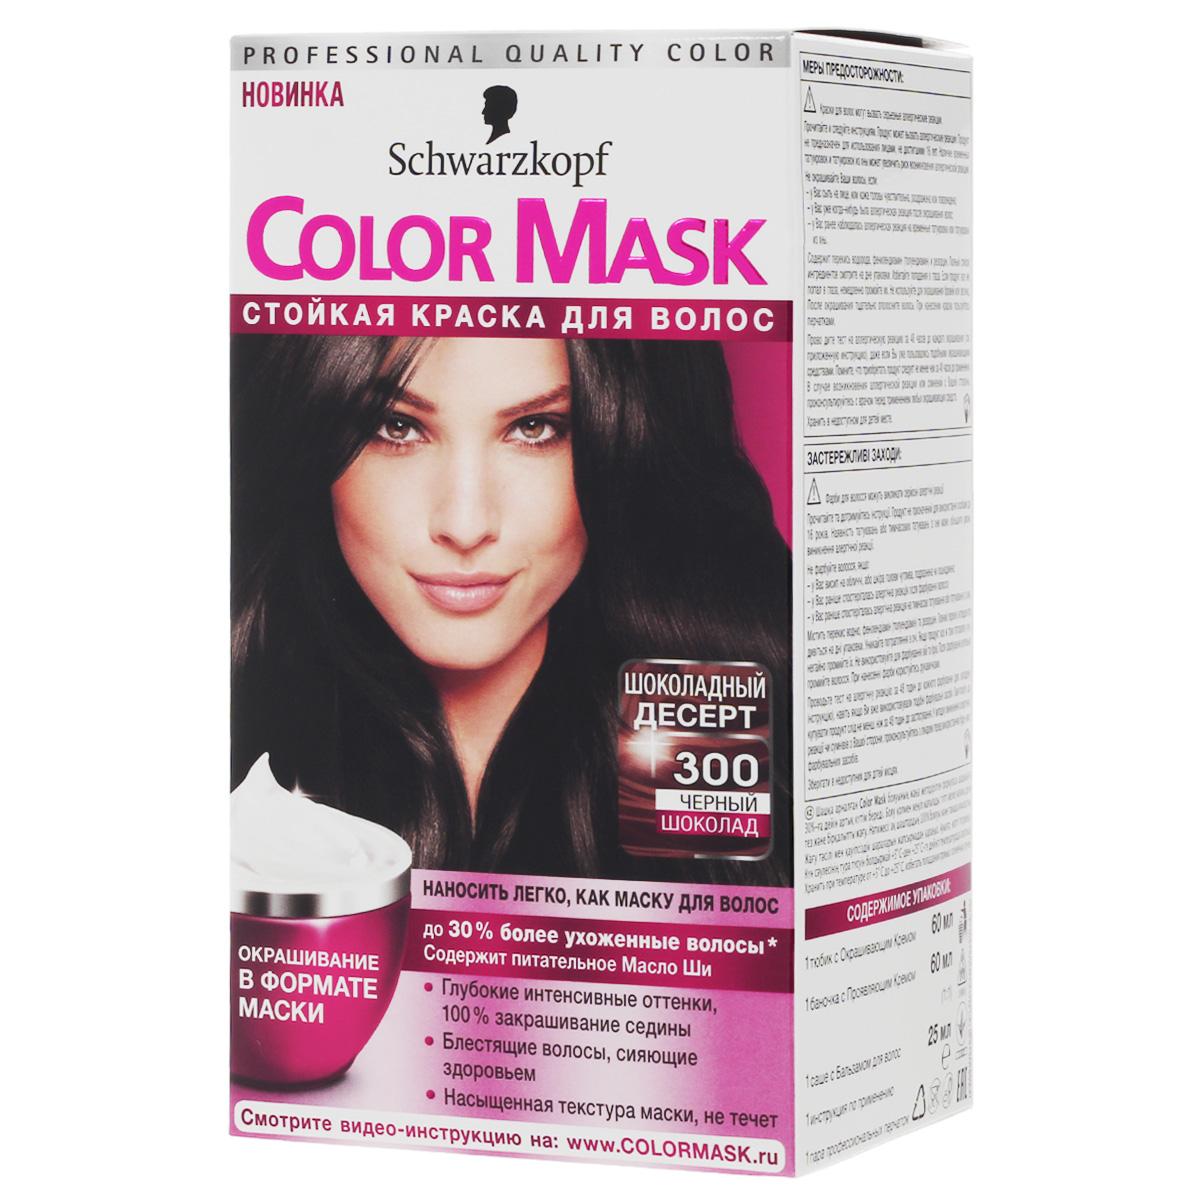 Color Mask краска для волос оттенок 300 Черно Каштановый, 145 млMP59.4DColor Mask - первая краска для волос в формате маски! Color Mask обладает уникальной текстурой маски. Именно новый уникальный формат позволяет достичь глубокого сияющего цвета и ослепительного блеска на много недель. При этом краска полностью закрашивает седину! Благодаря потрясающей кремовой текстуре, краска легко наносится руками. Вы ощутите новое измерение в окрашивании, созданное для быстрого и равномерного самостоятельного нанесения.